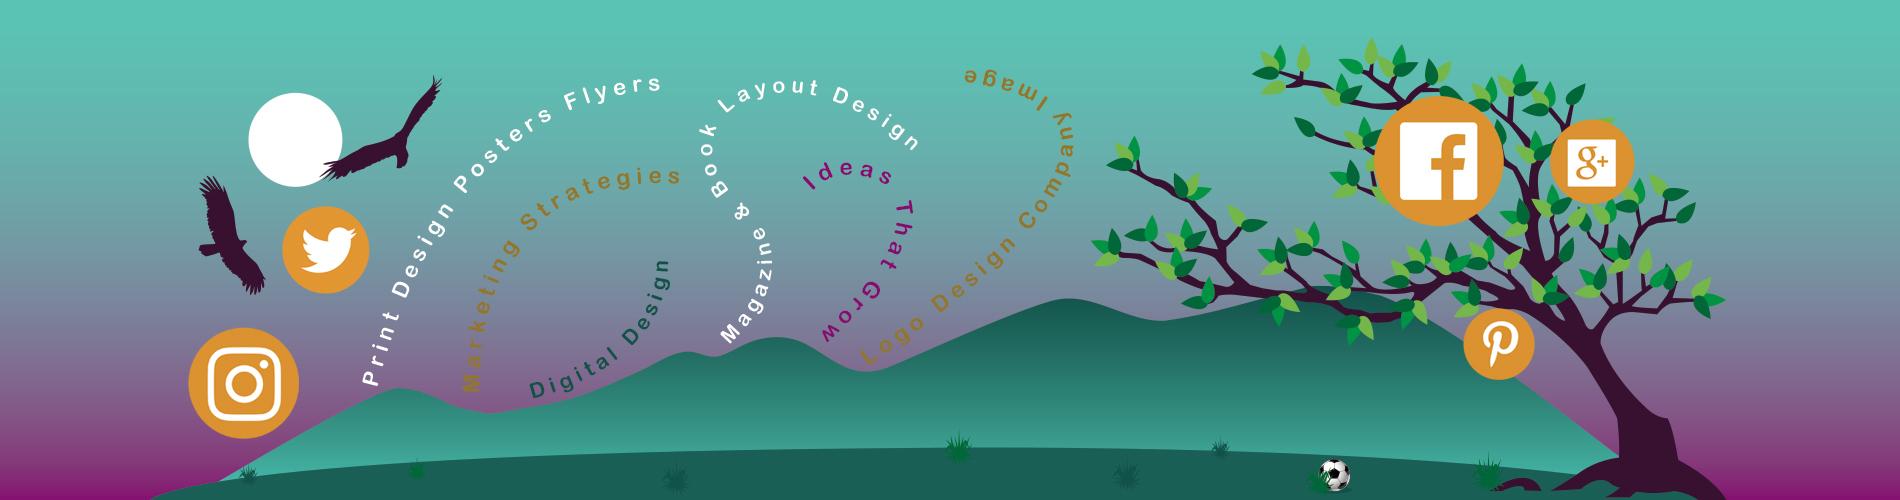 Social Media Marketing & Optimization